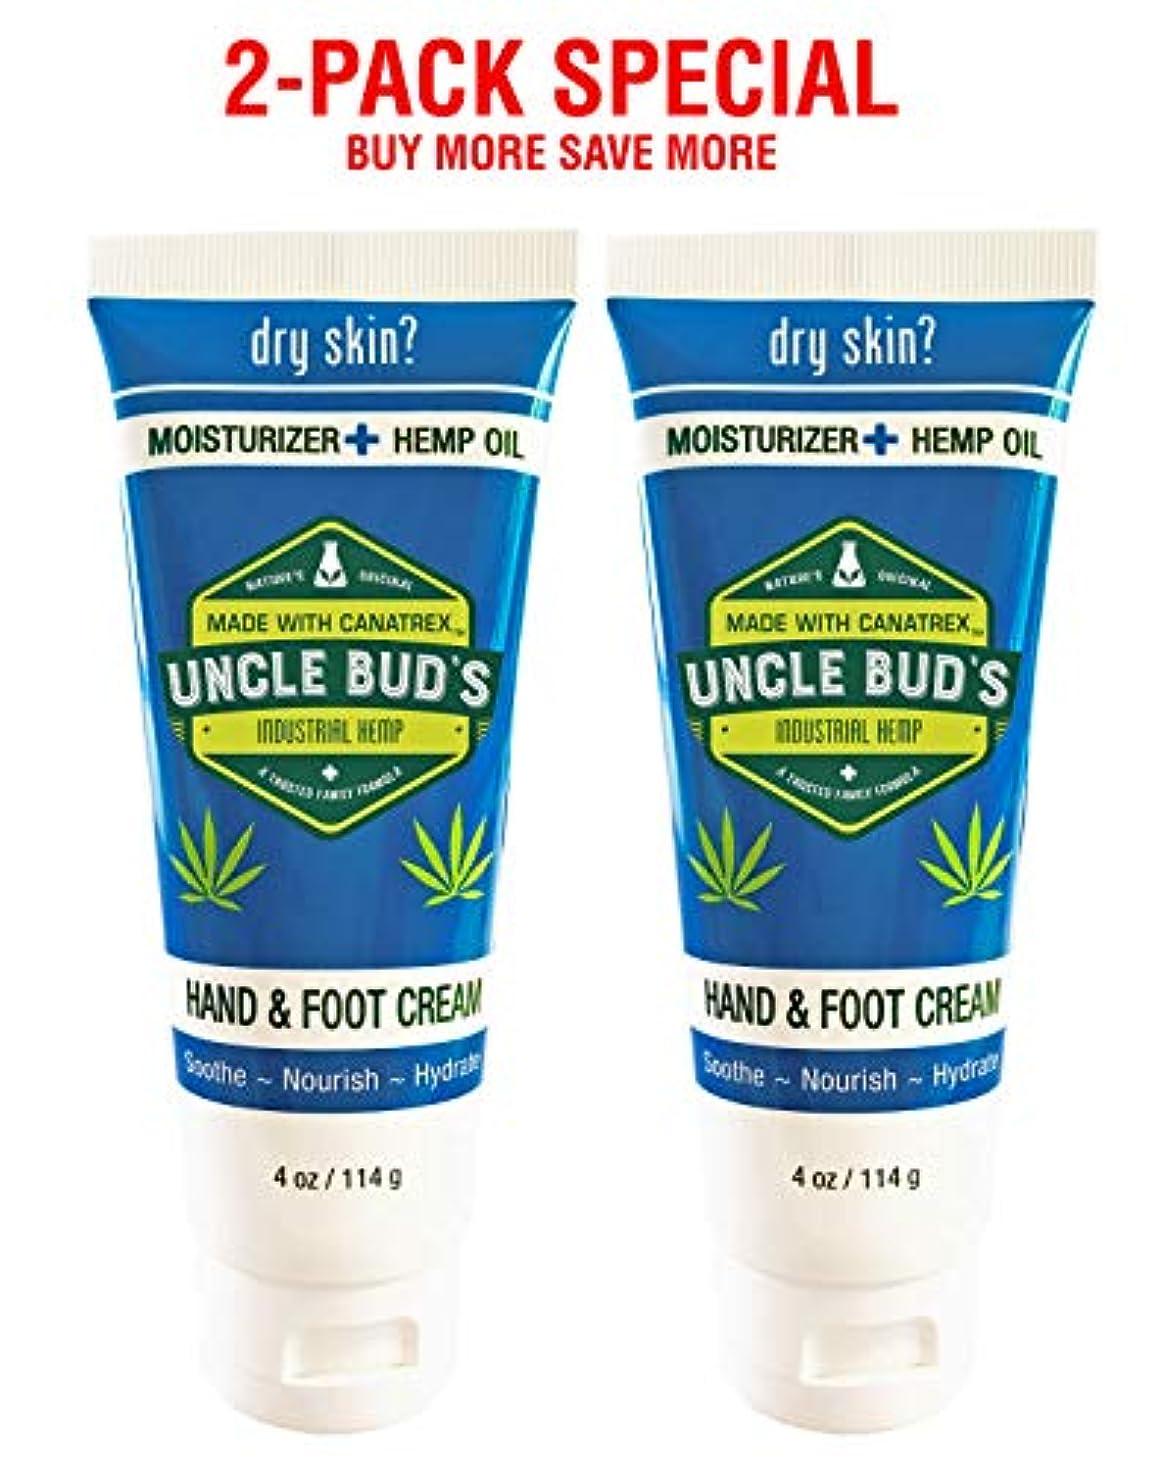 生き返らせる好きである三十Uncle Bud's 2-Pack Special - Hand and Foot Cream HEMP Oil - 4oz per tube